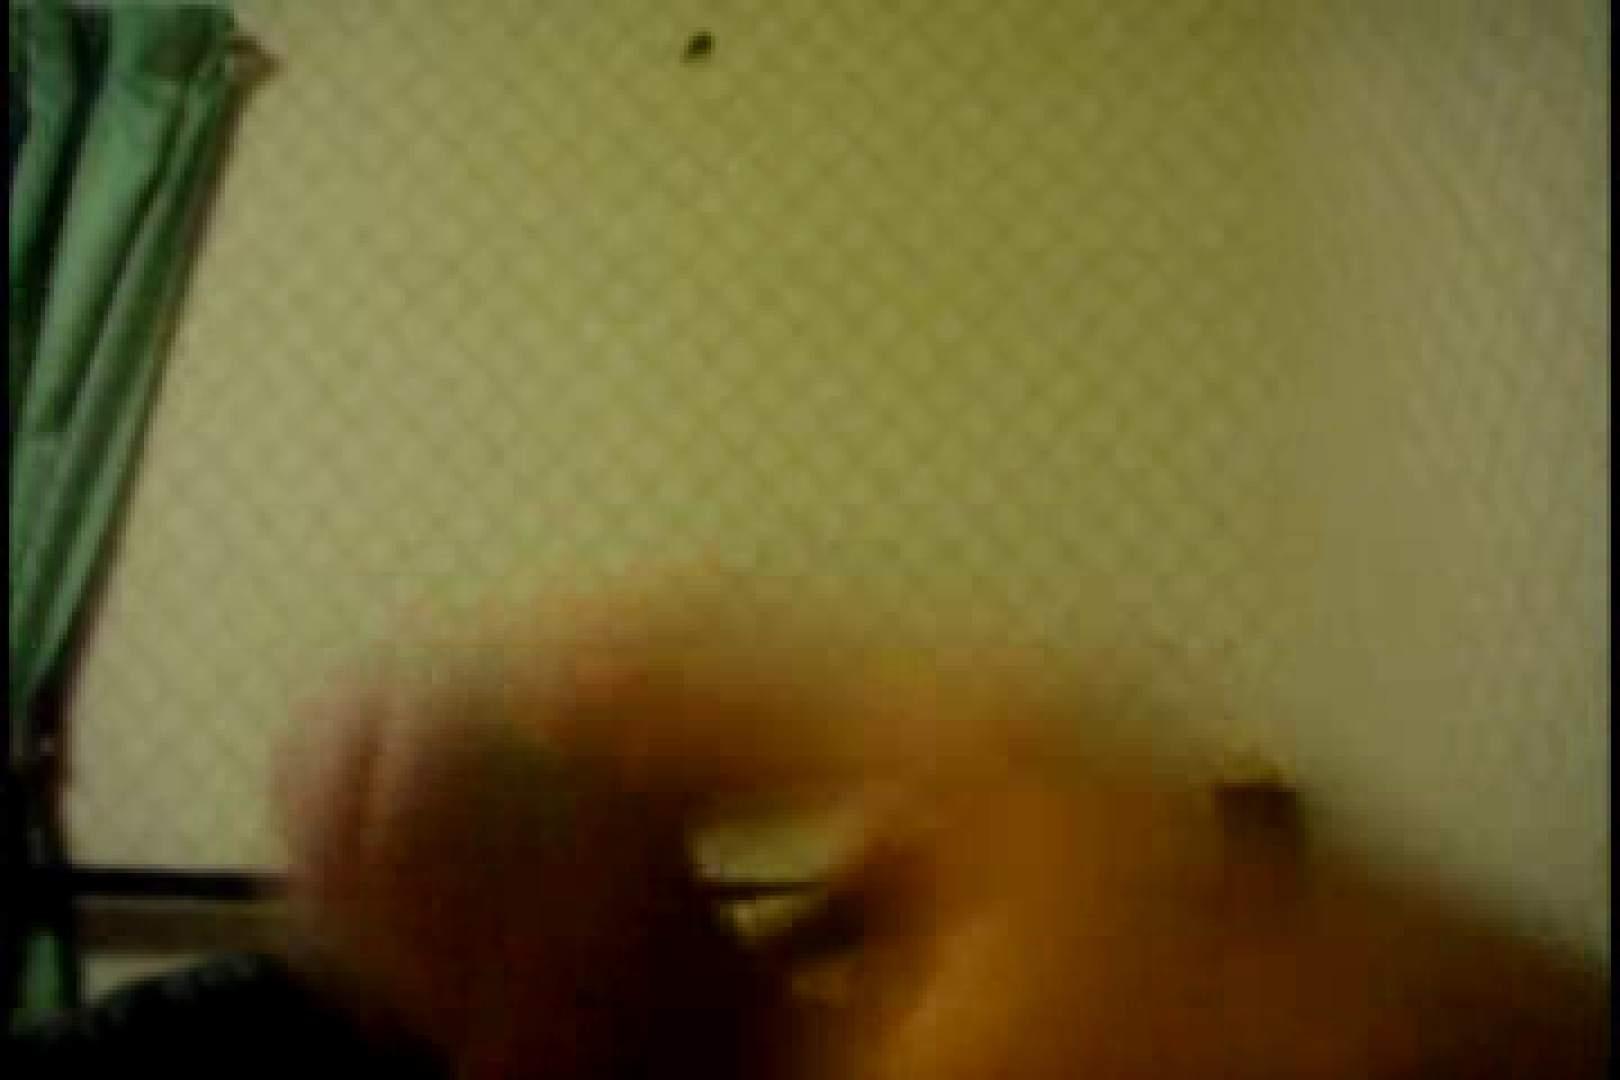 オナ好きノンケテニス部員の自画撮り投稿vol.05 ノンケ  91pic